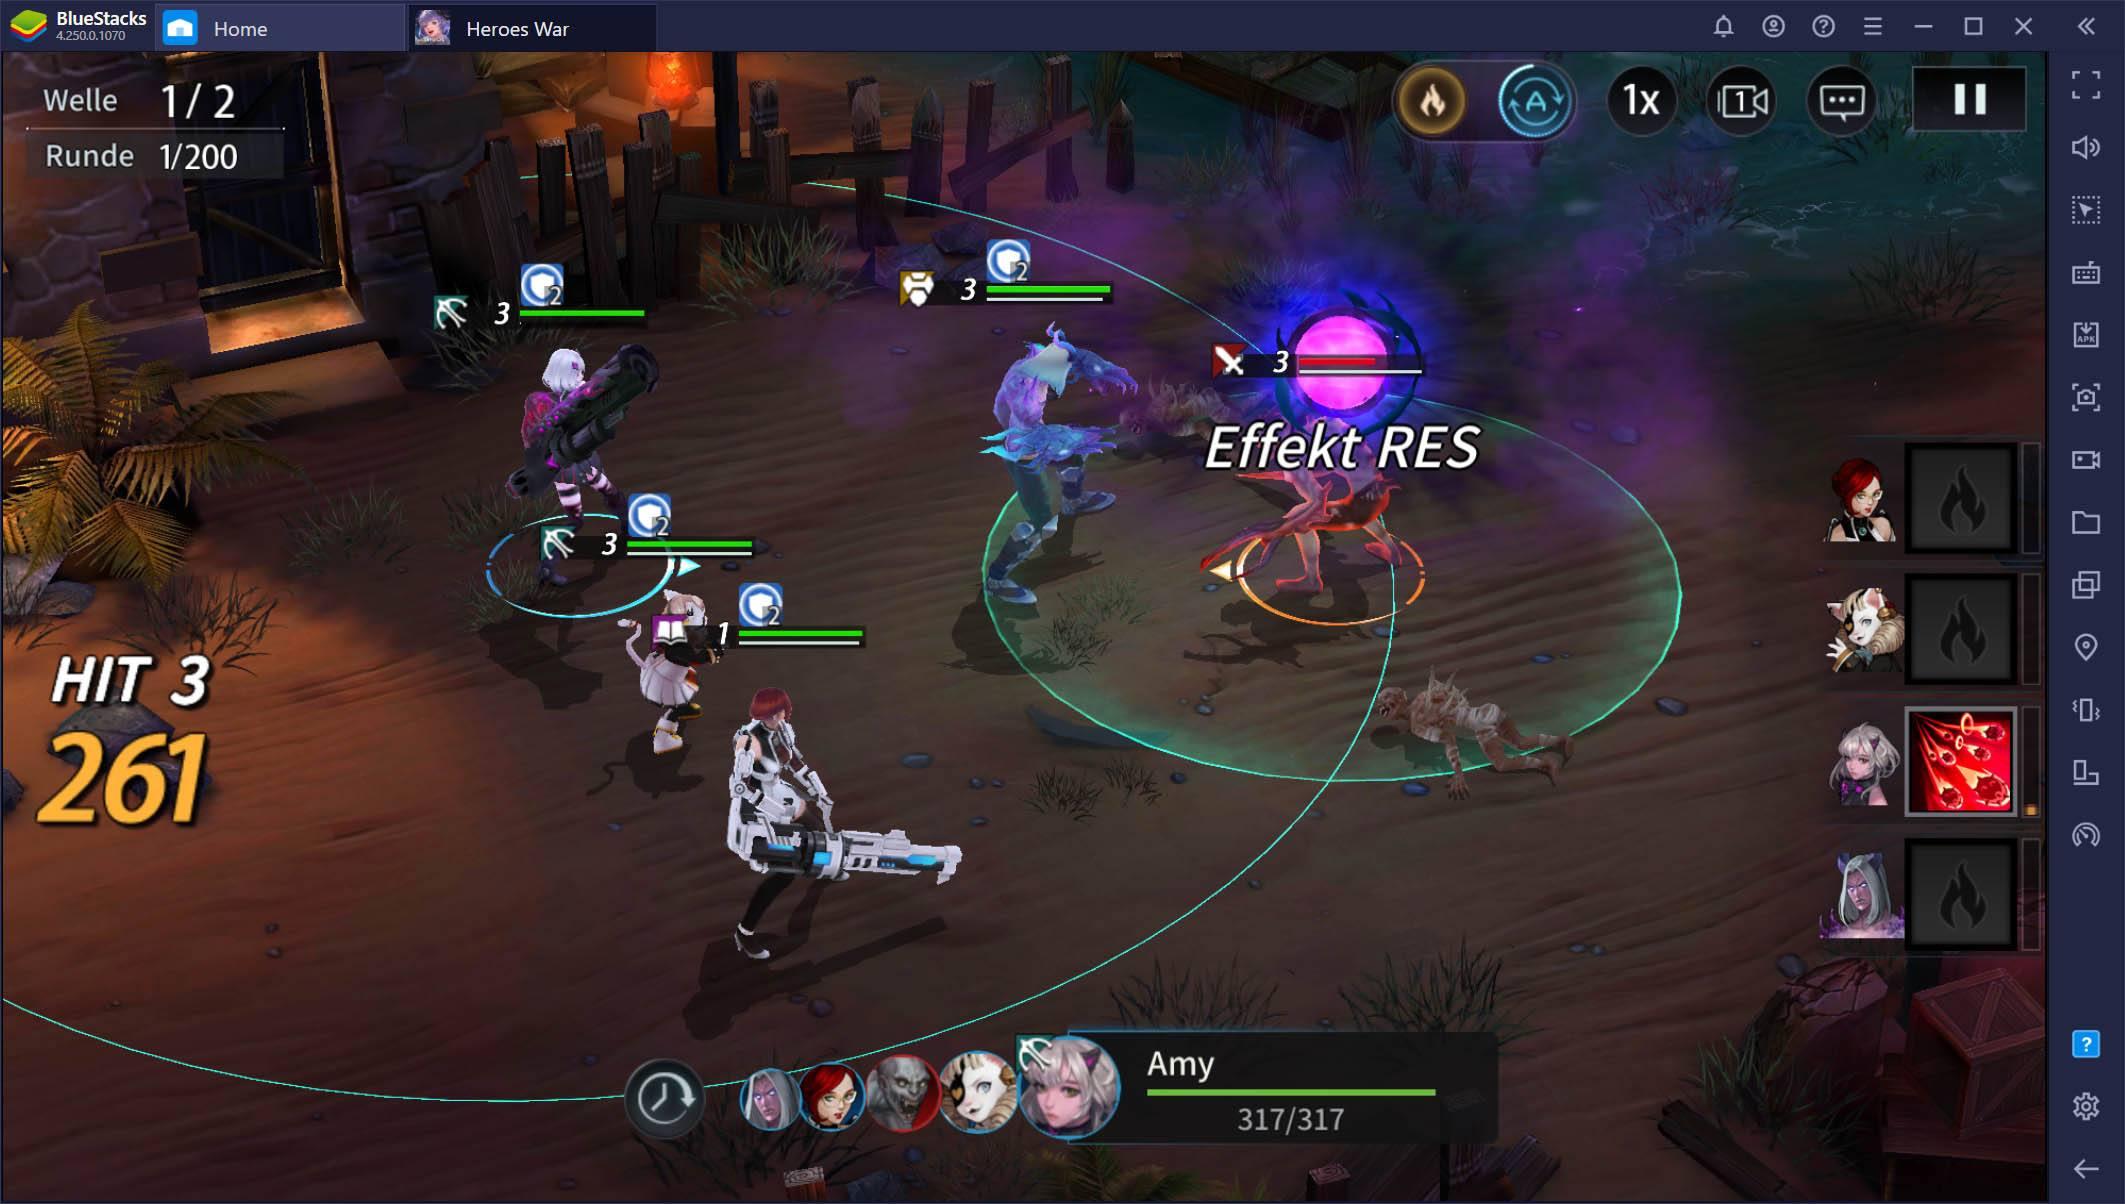 Heroes War: Counterattack auf dem PC – Reroll-Leitfaden und andere nützliche Tipps und Tricks